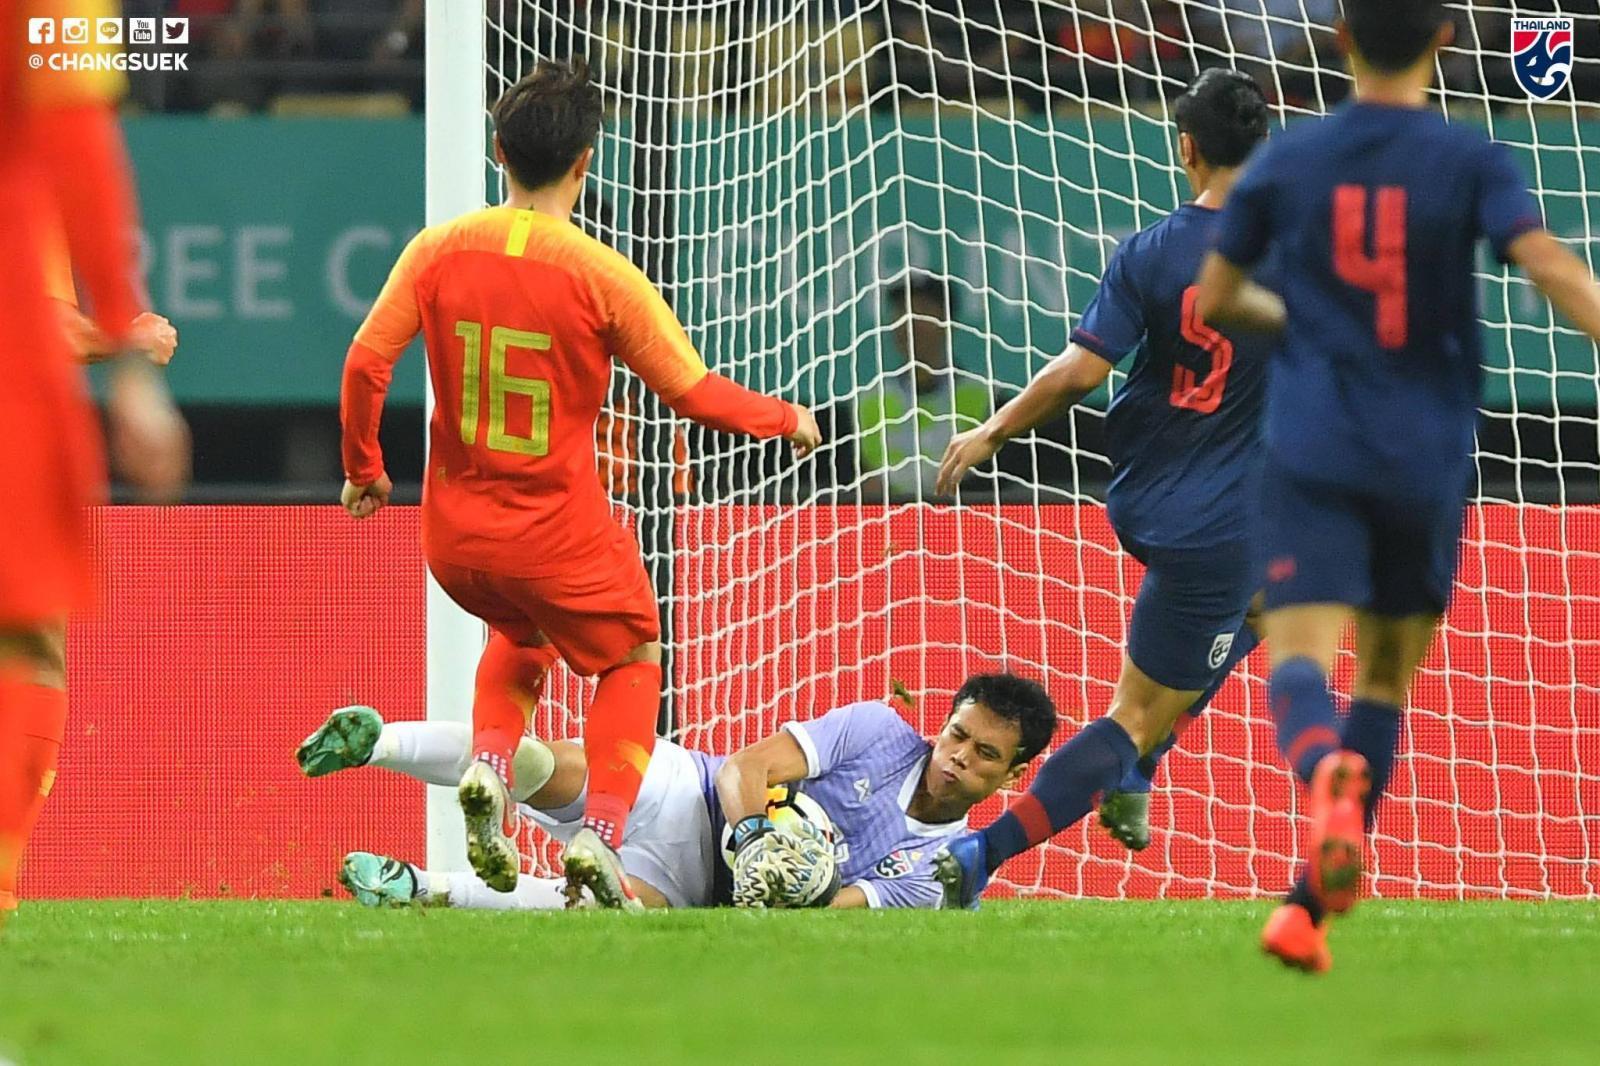 """ชนาธิป ซัดชัย! พา """"ช้างศึก"""" บุกชนะ """"จีน"""" 1-0 ทะลุชิงไชน่าคัพ"""